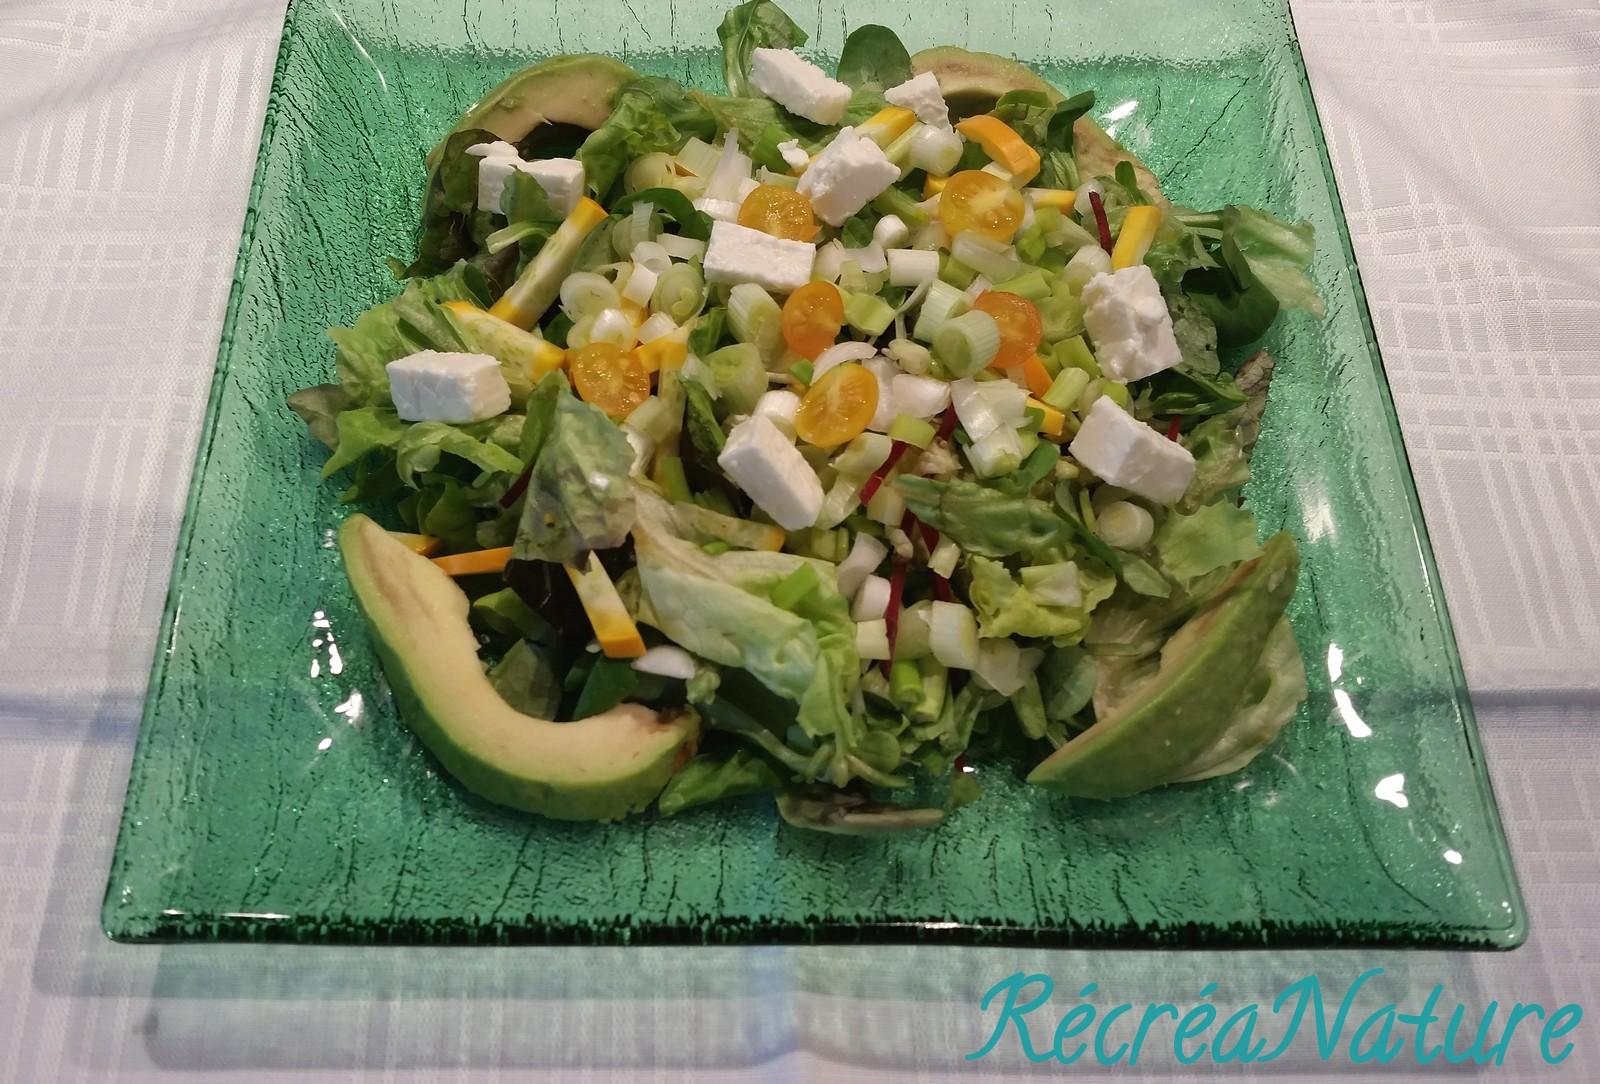 Salade compos e aux couleurs du soleil recette facile - Salade d ete composee ...